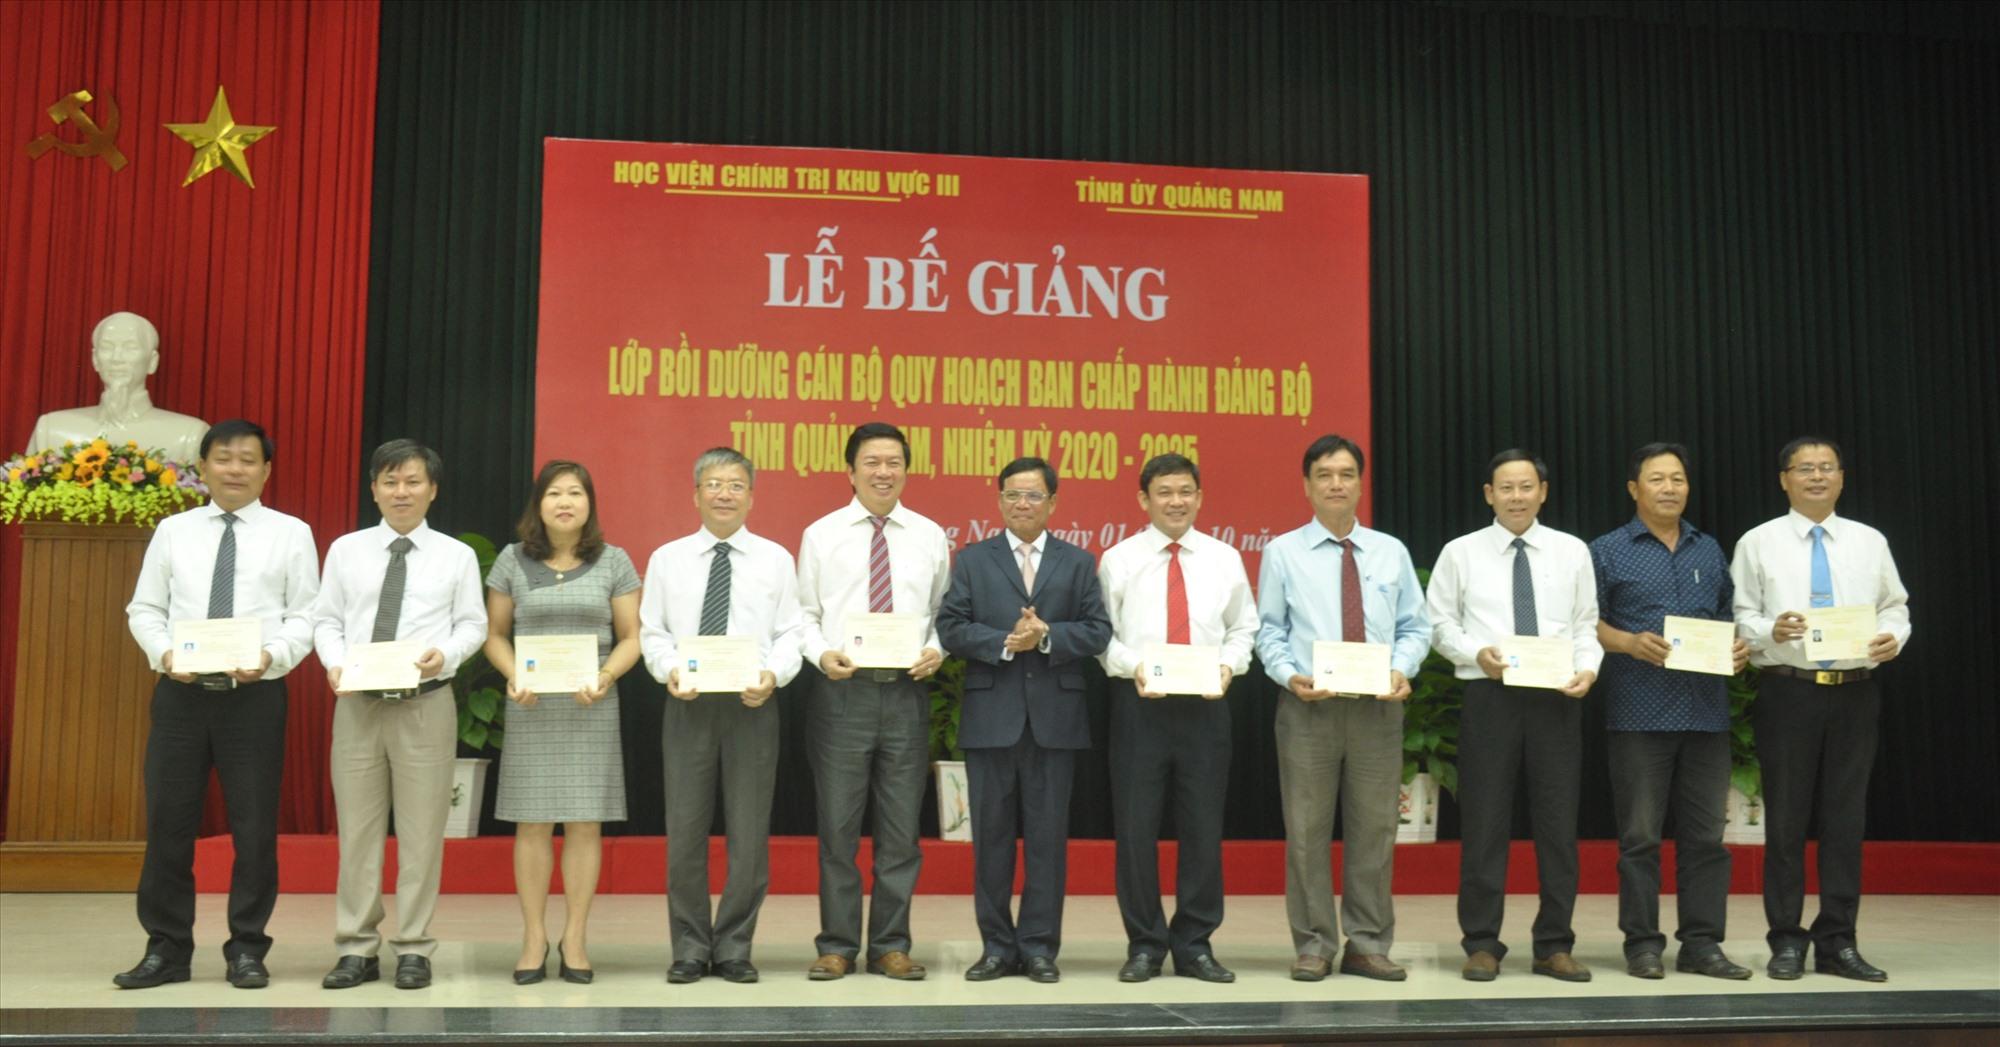 Lãnh đạo Học viện Chính trị khu vực III Đà Nẵng trao chứng nhận cho học viên hoàn thành khóa bồi dưỡng cán bộ quy hoạch Ban Chấp hành Đảng bộ tỉnh nhiệm kỳ 2020 - 2025. Ảnh: N.Đ